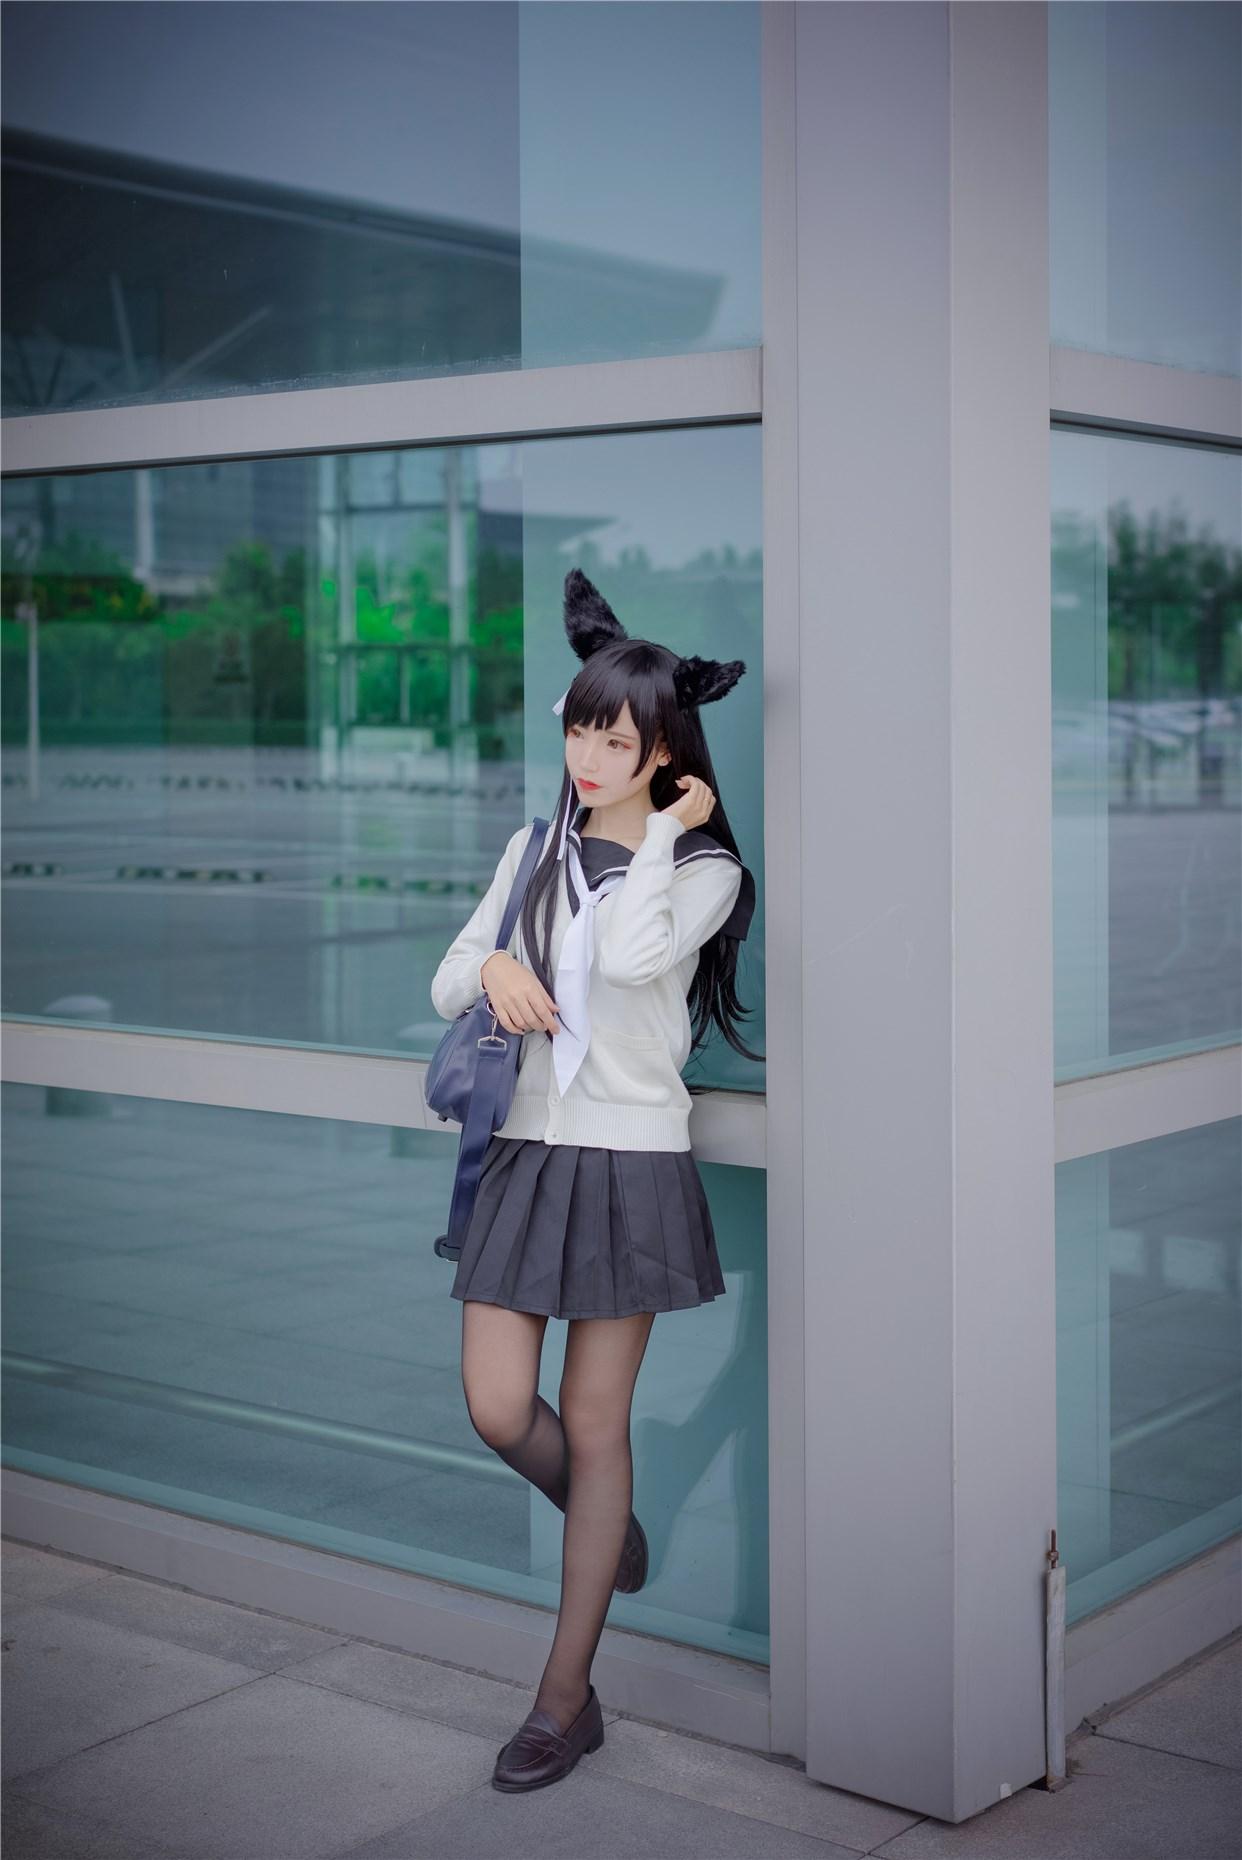 【兔玩映画】大长腿姐姐的cos 兔玩映画 第27张